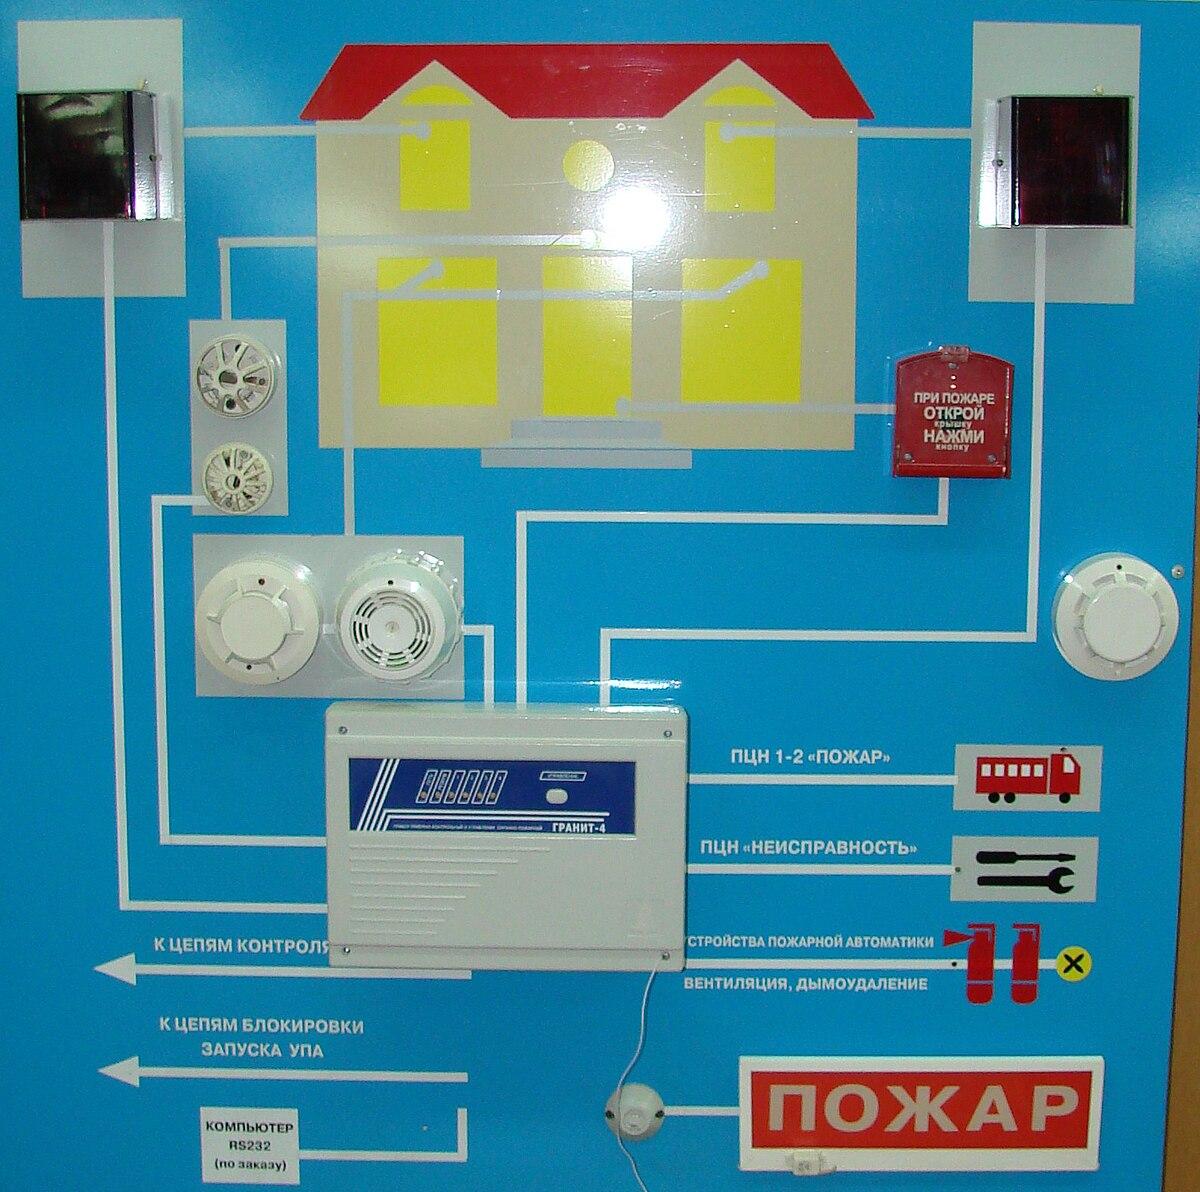 Схемы противопожарных систем